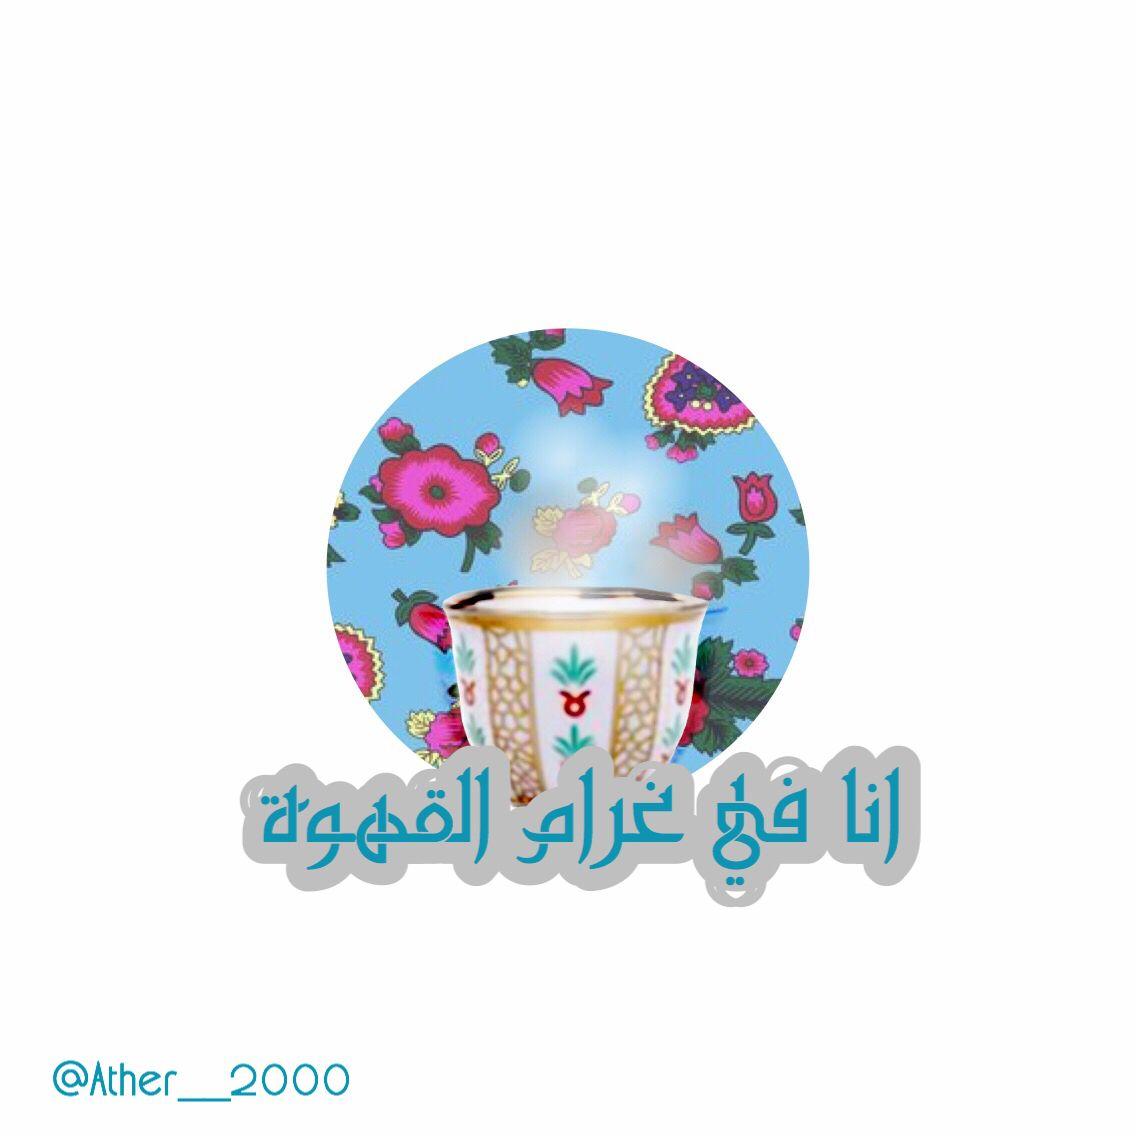 غرام القهوة قهوة عربية عربي بوب ارت Eid Crafts Pop Art Portraits Free Flower Clipart